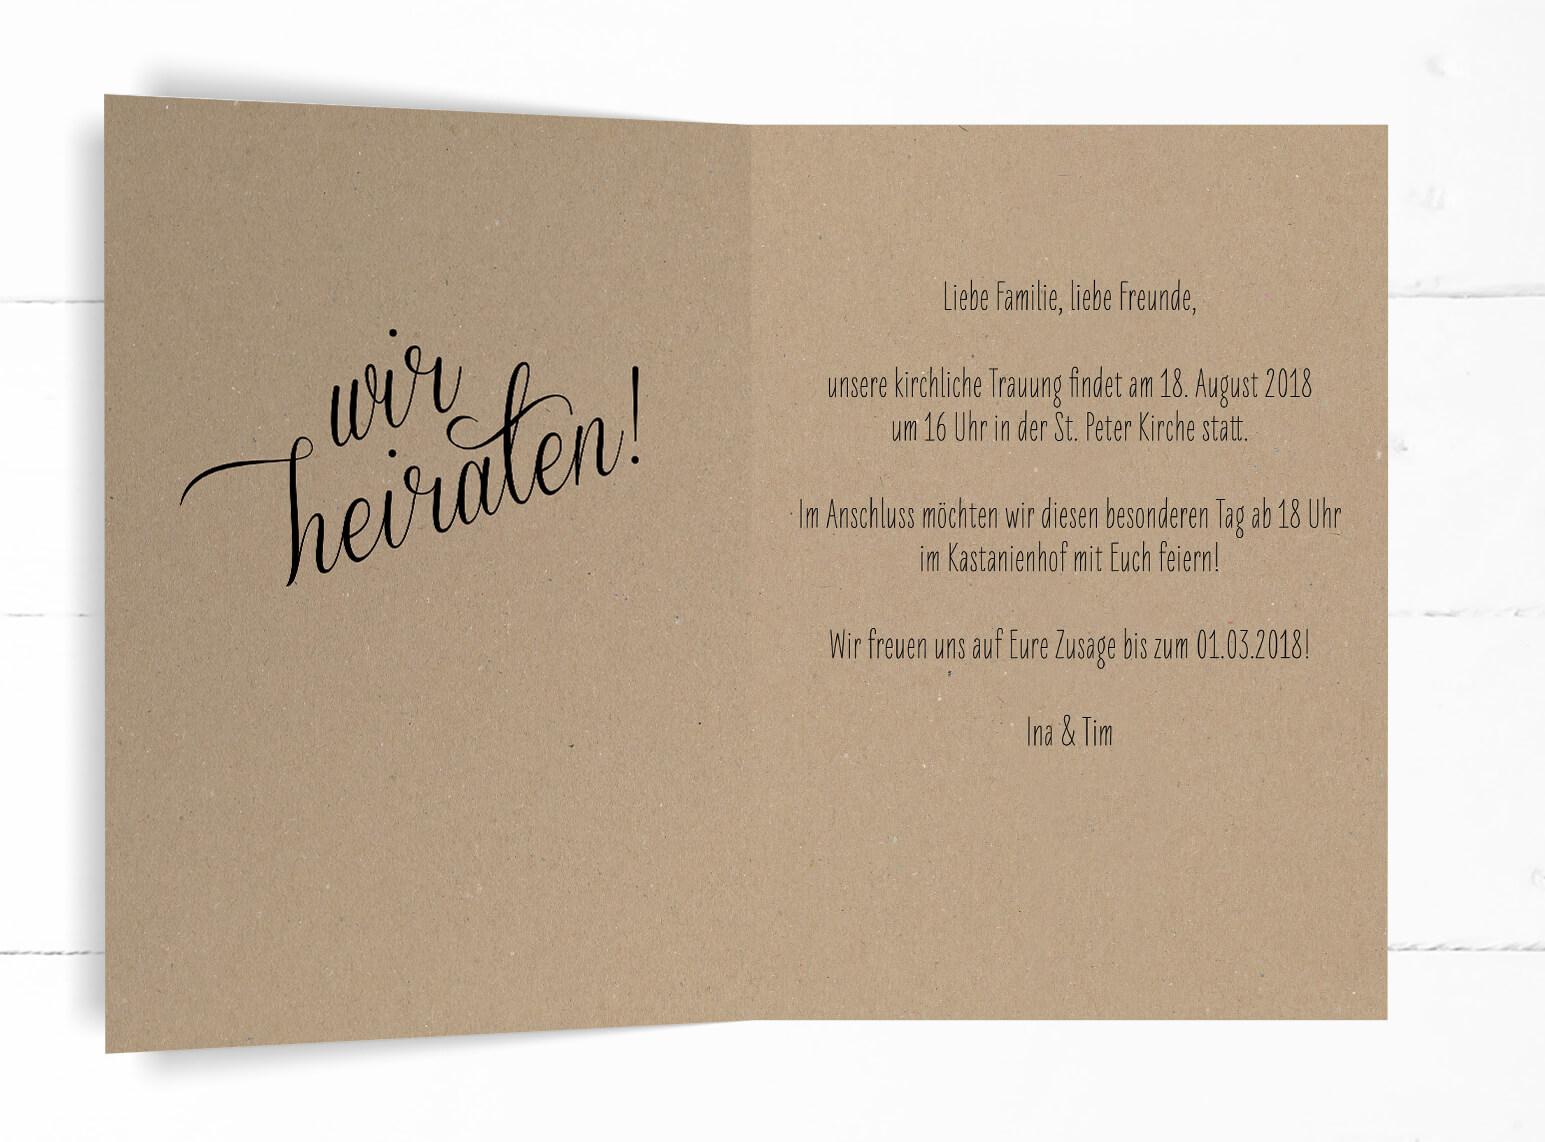 Hochzeit, Einladung, echtes Kraftpapier, schwarze Kalligrafie, DIN C6 Klappkarte, Hochformat, Innenseite